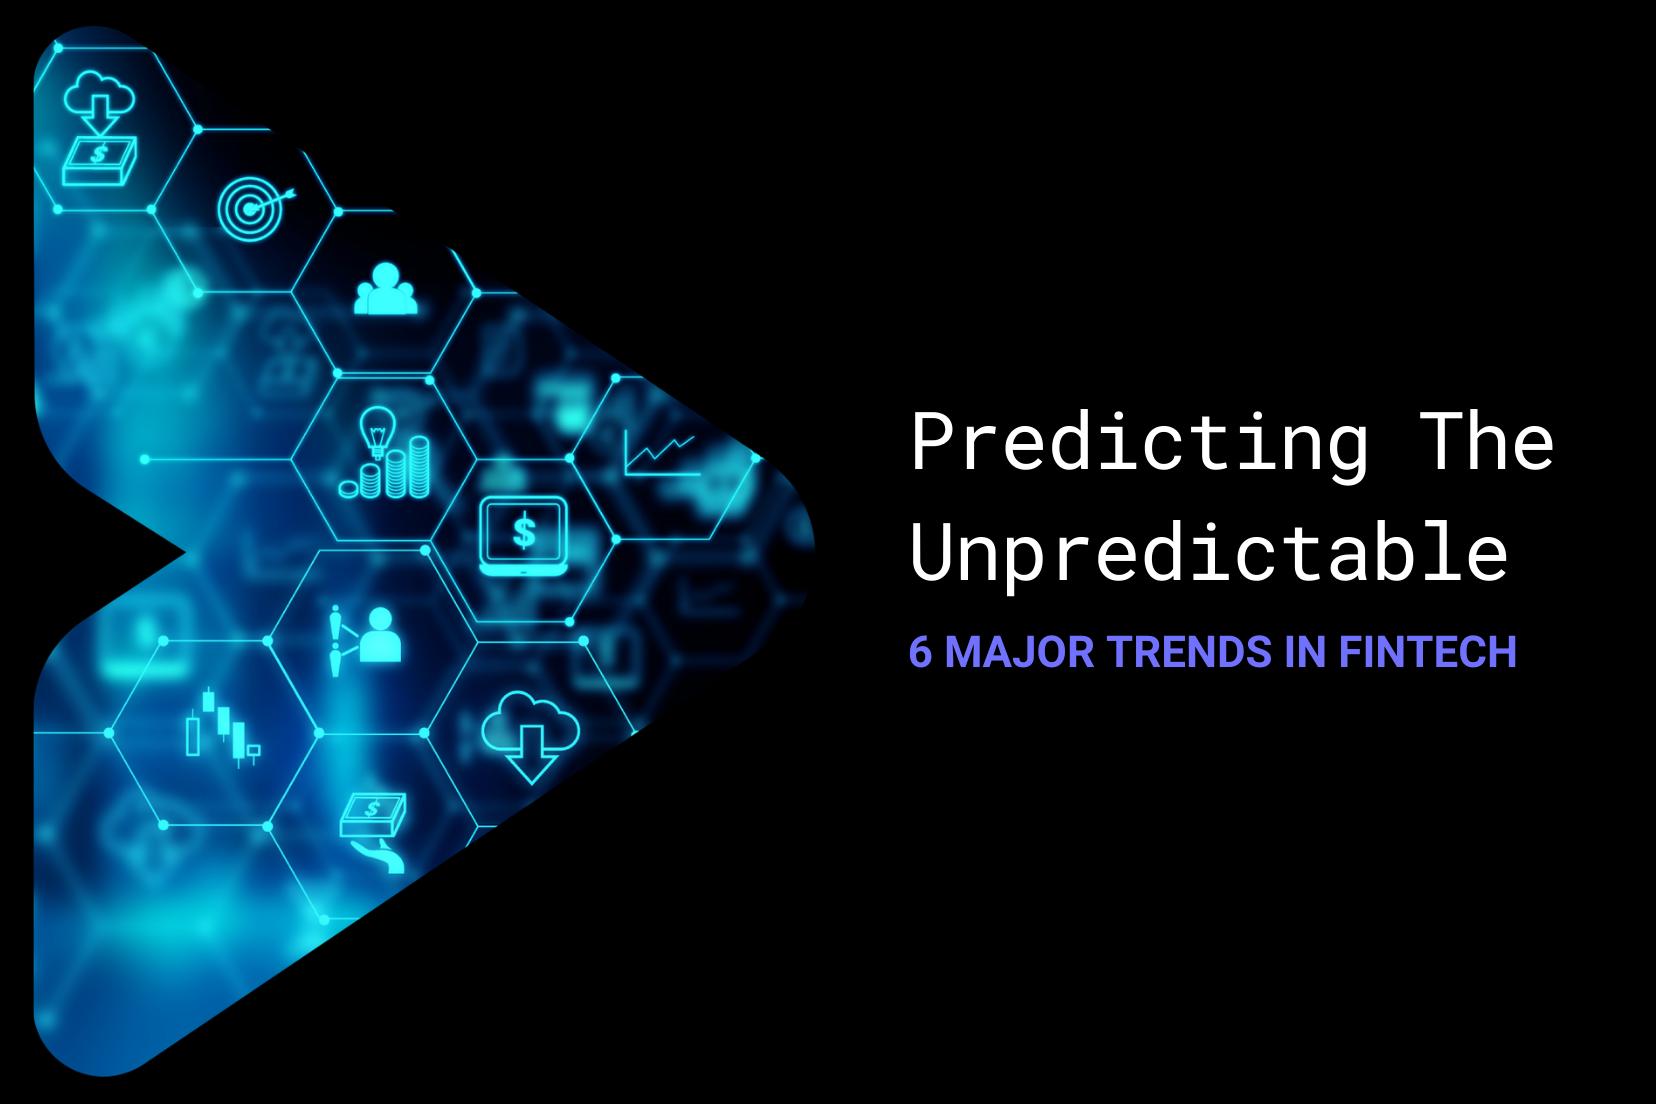 6 Major Trends in Fintech